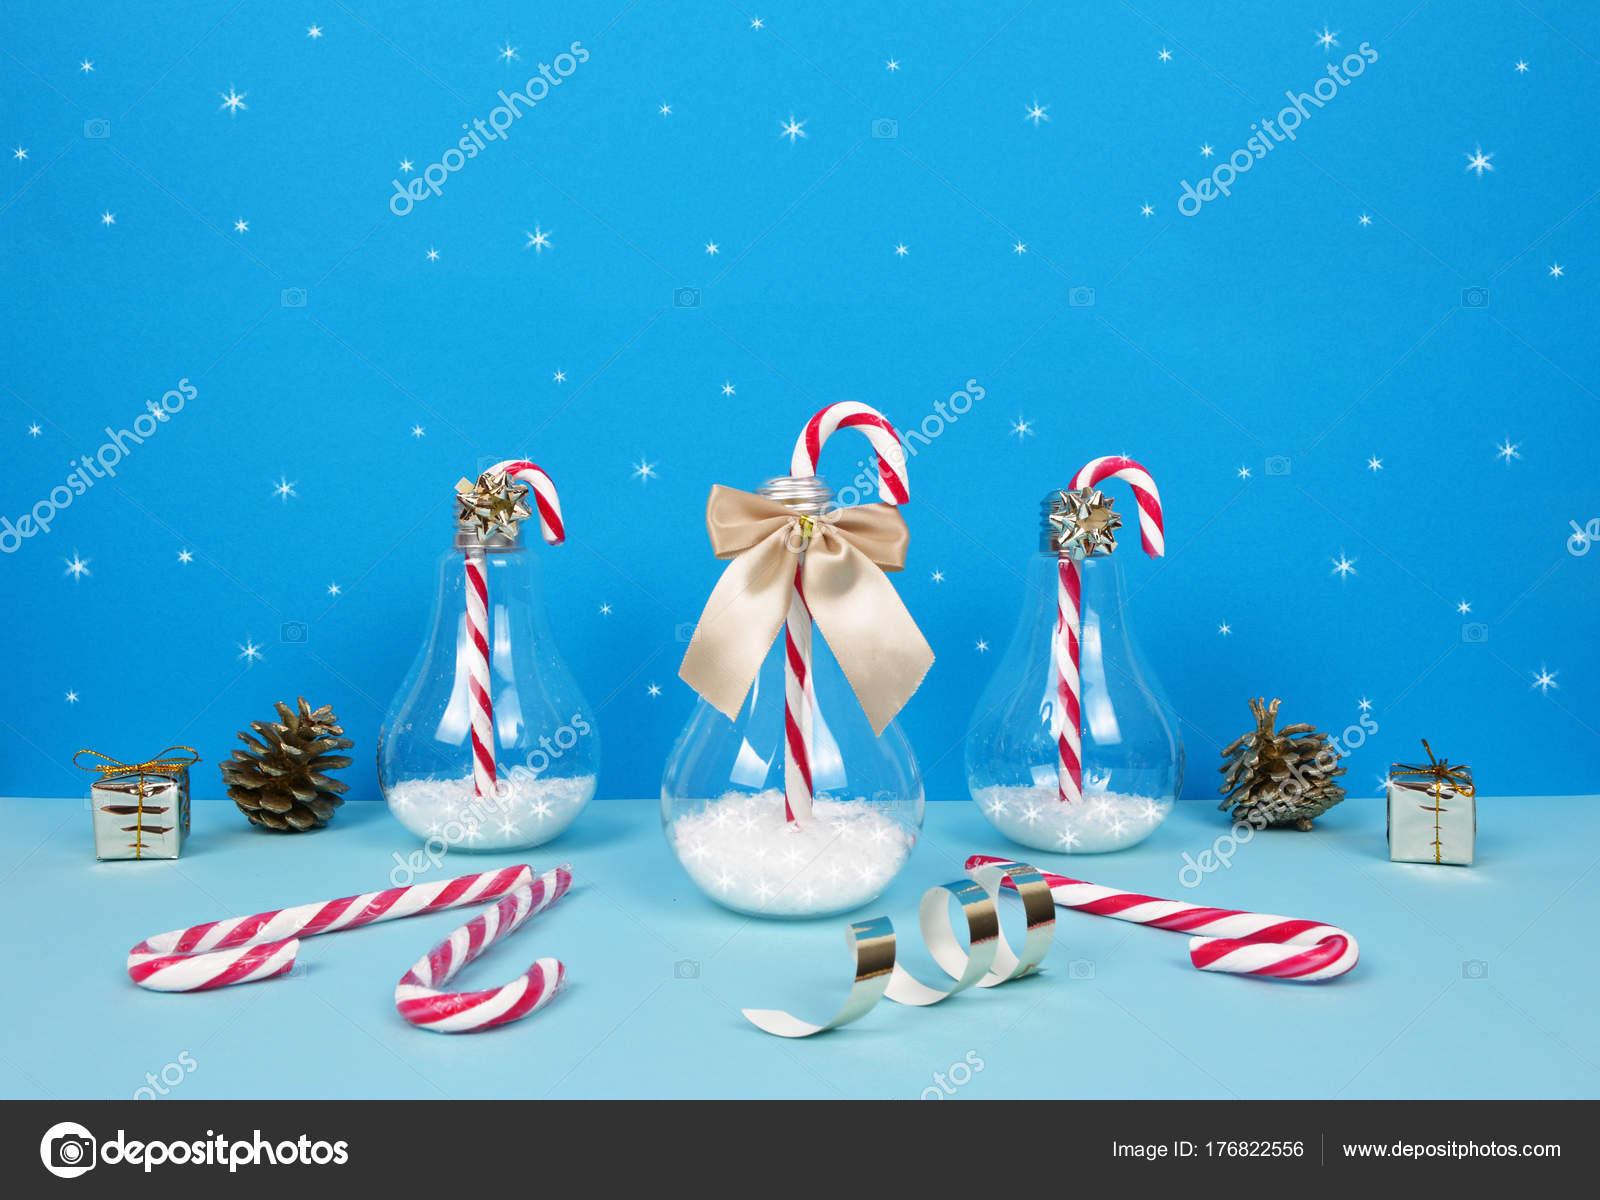 Weihnachten-Komposition mit dekorativen Weihnachtsbaum, Santa, gif ...